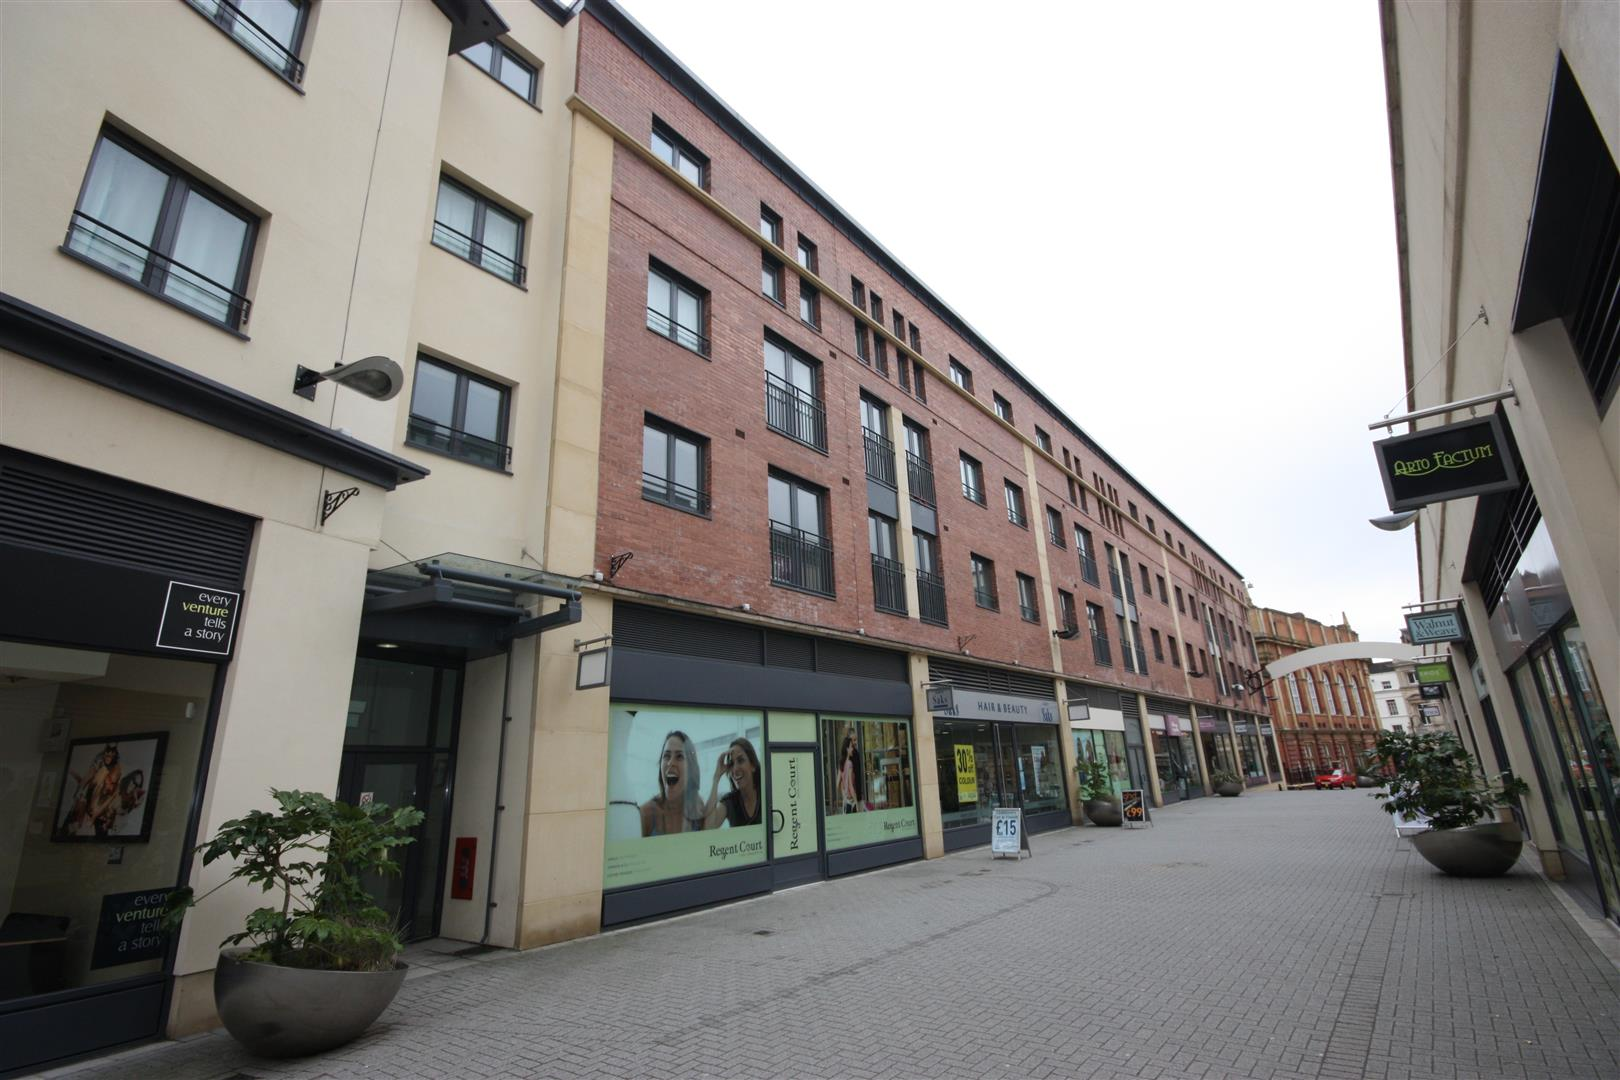 14 Livery Street, Leamington Spa, CV32